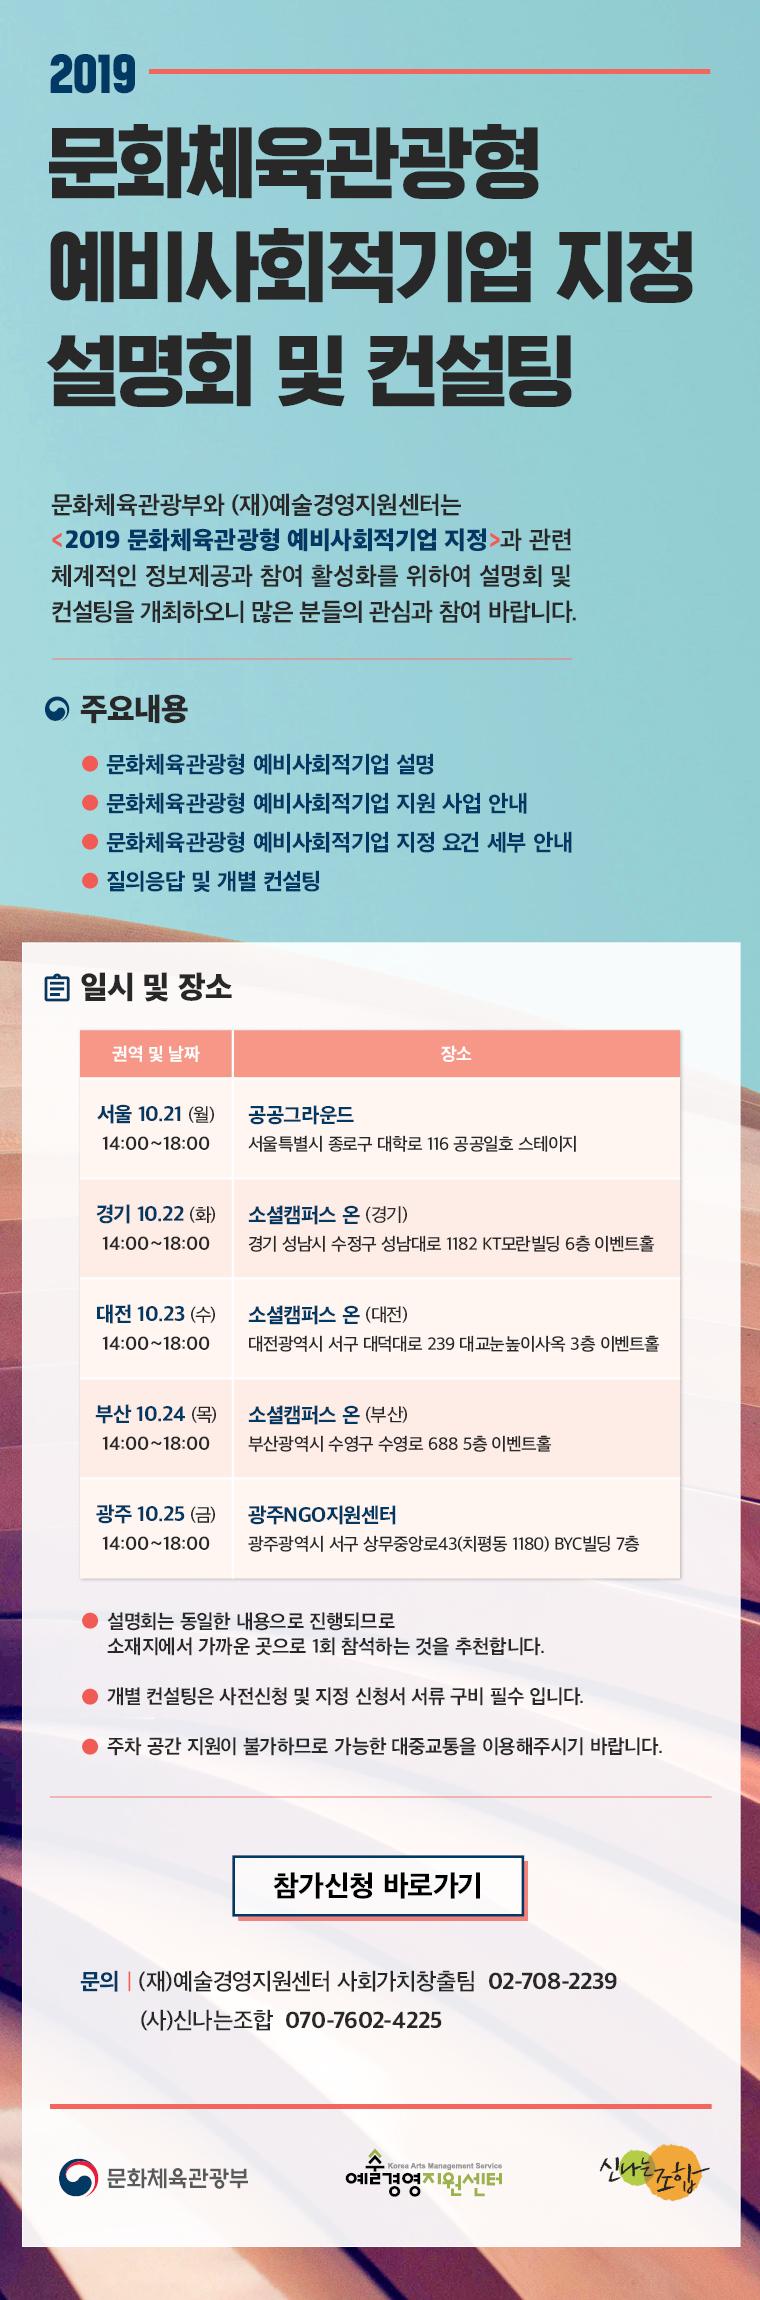 문화_예비_설명회 배너